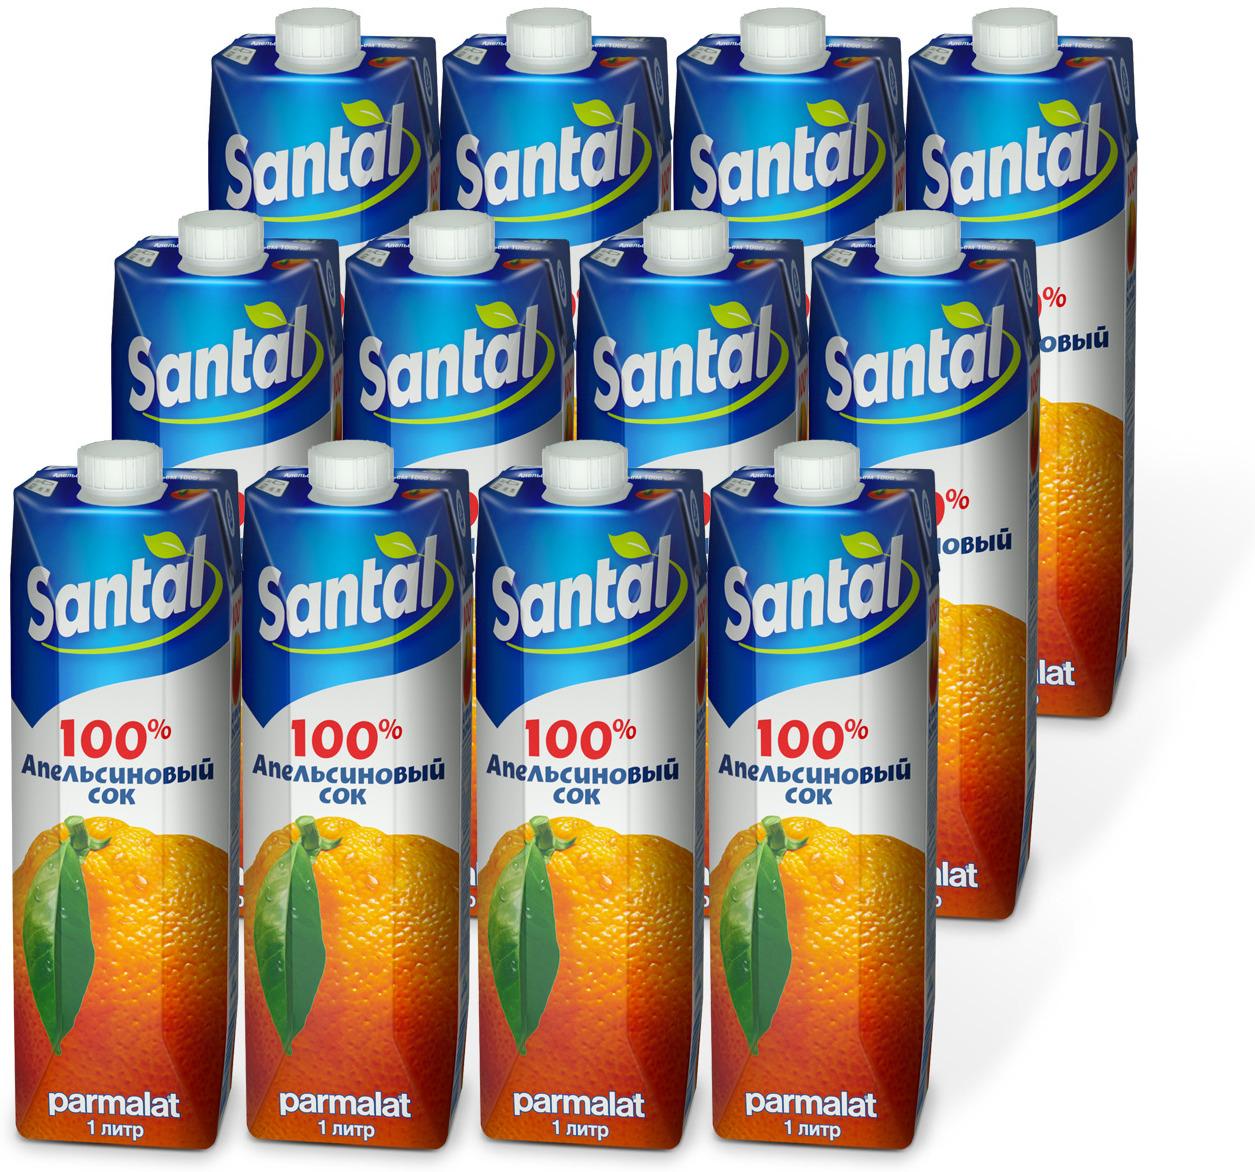 Сок Santal Апельсиновый, 12 шт по 1 л